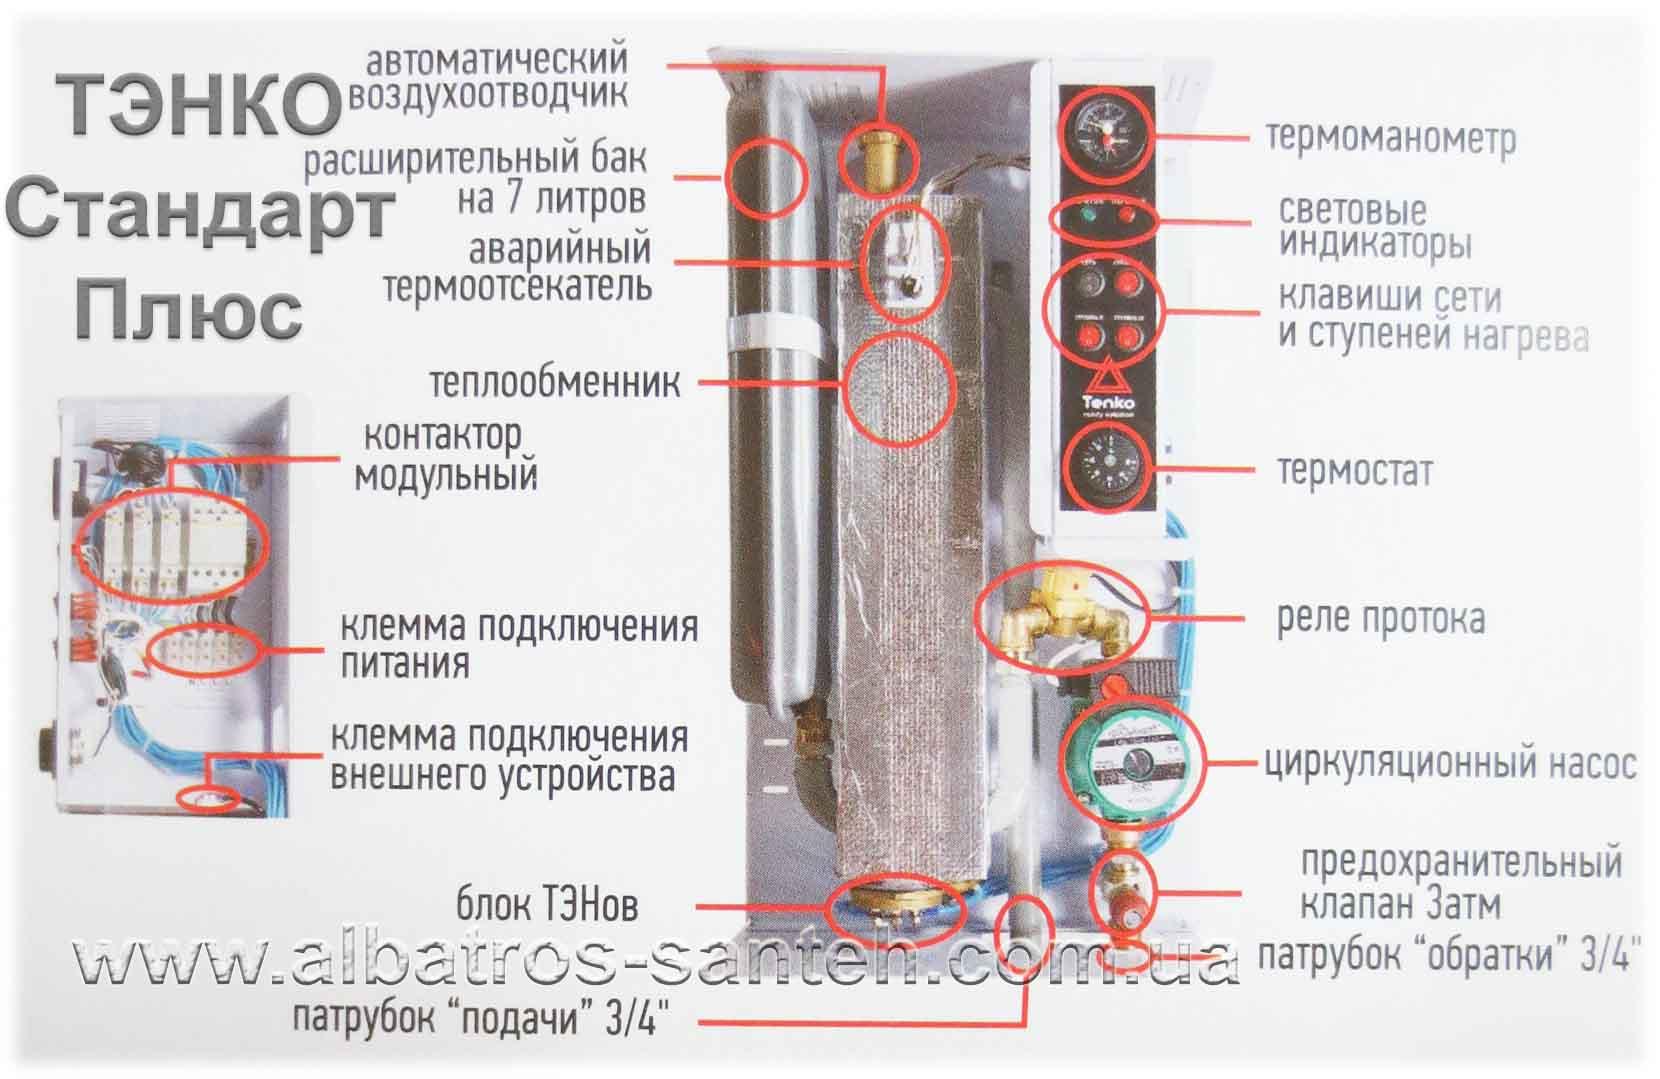 Электрокотел TENKO Стандарт Плюс